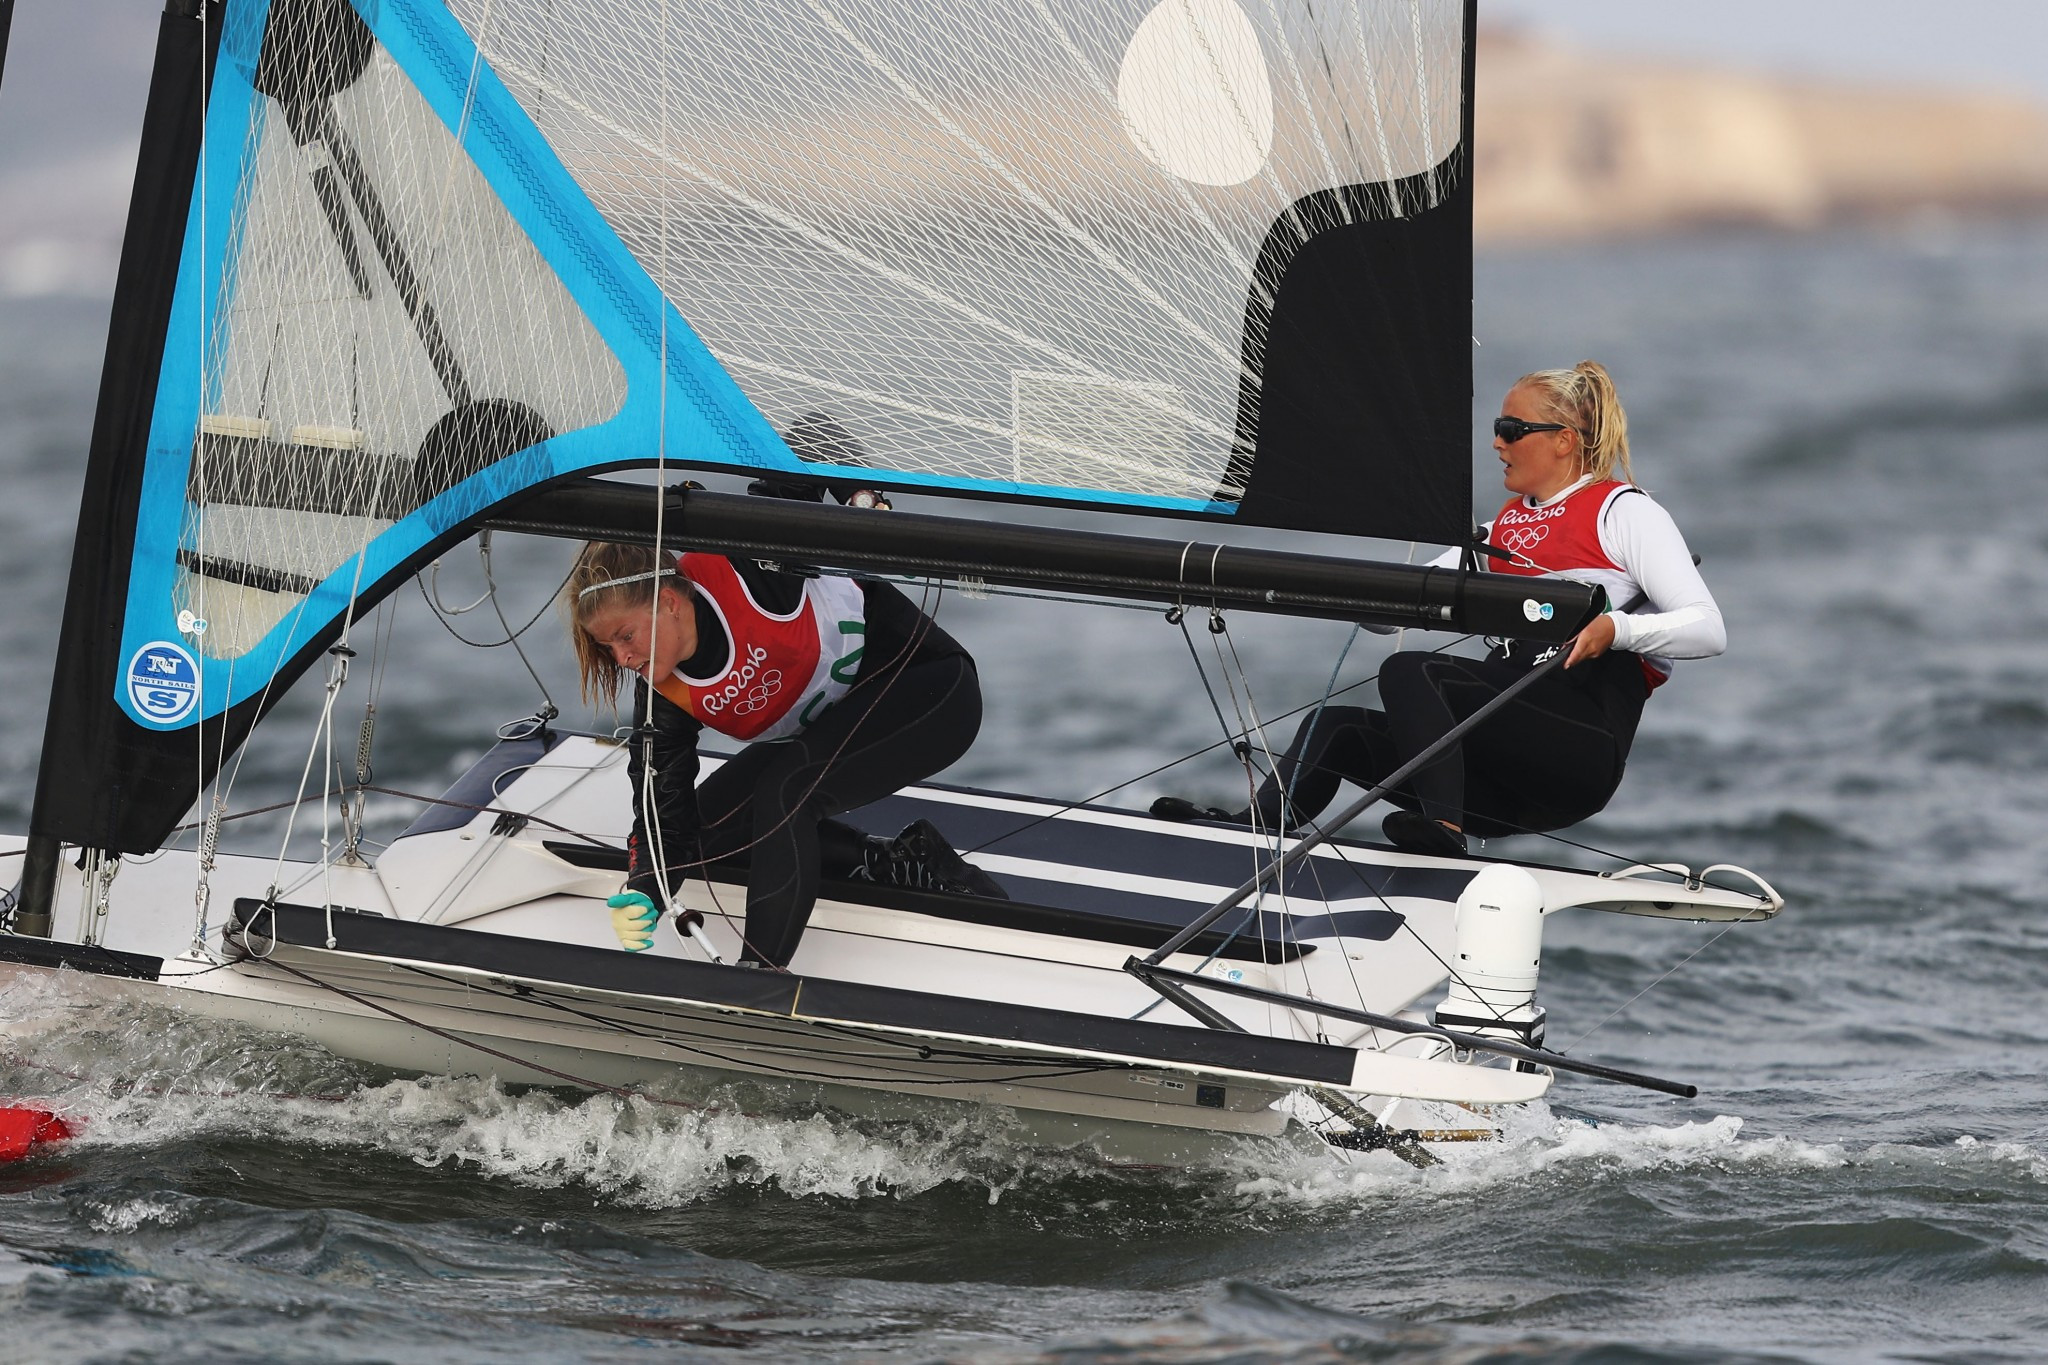 Jena Hansen and Katja Salskov-Iversen also won bronze at Rio 2016 ©Getty Images